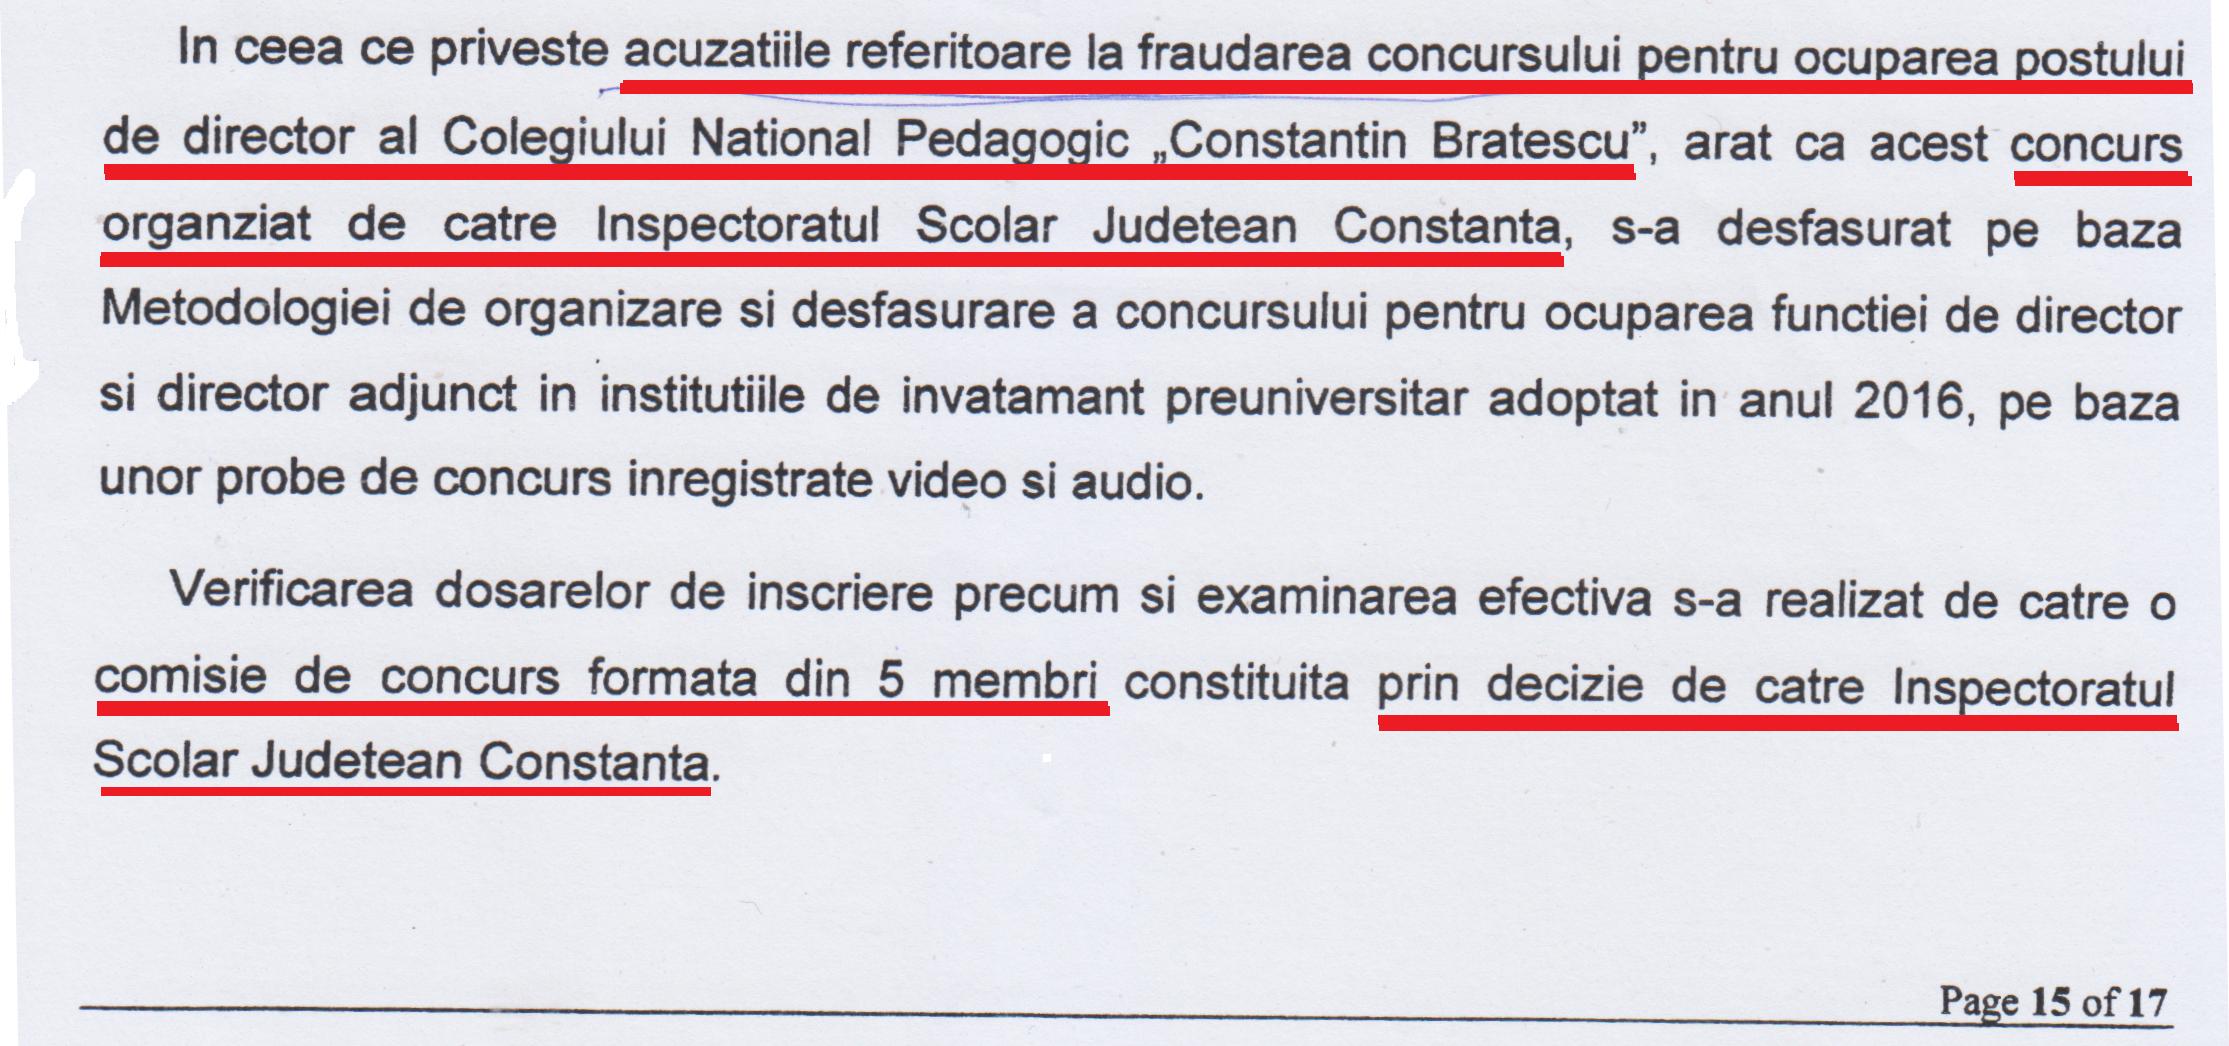 Deși a dec larat unor publicații locale că nu cunoaște amănunte din dosarul de fraudare a concursului, escroaca se dovedește o cunoscătoare a detaliilor acestuia atunci când a acționat în instanța publicația REZISTENTA.ro!!!